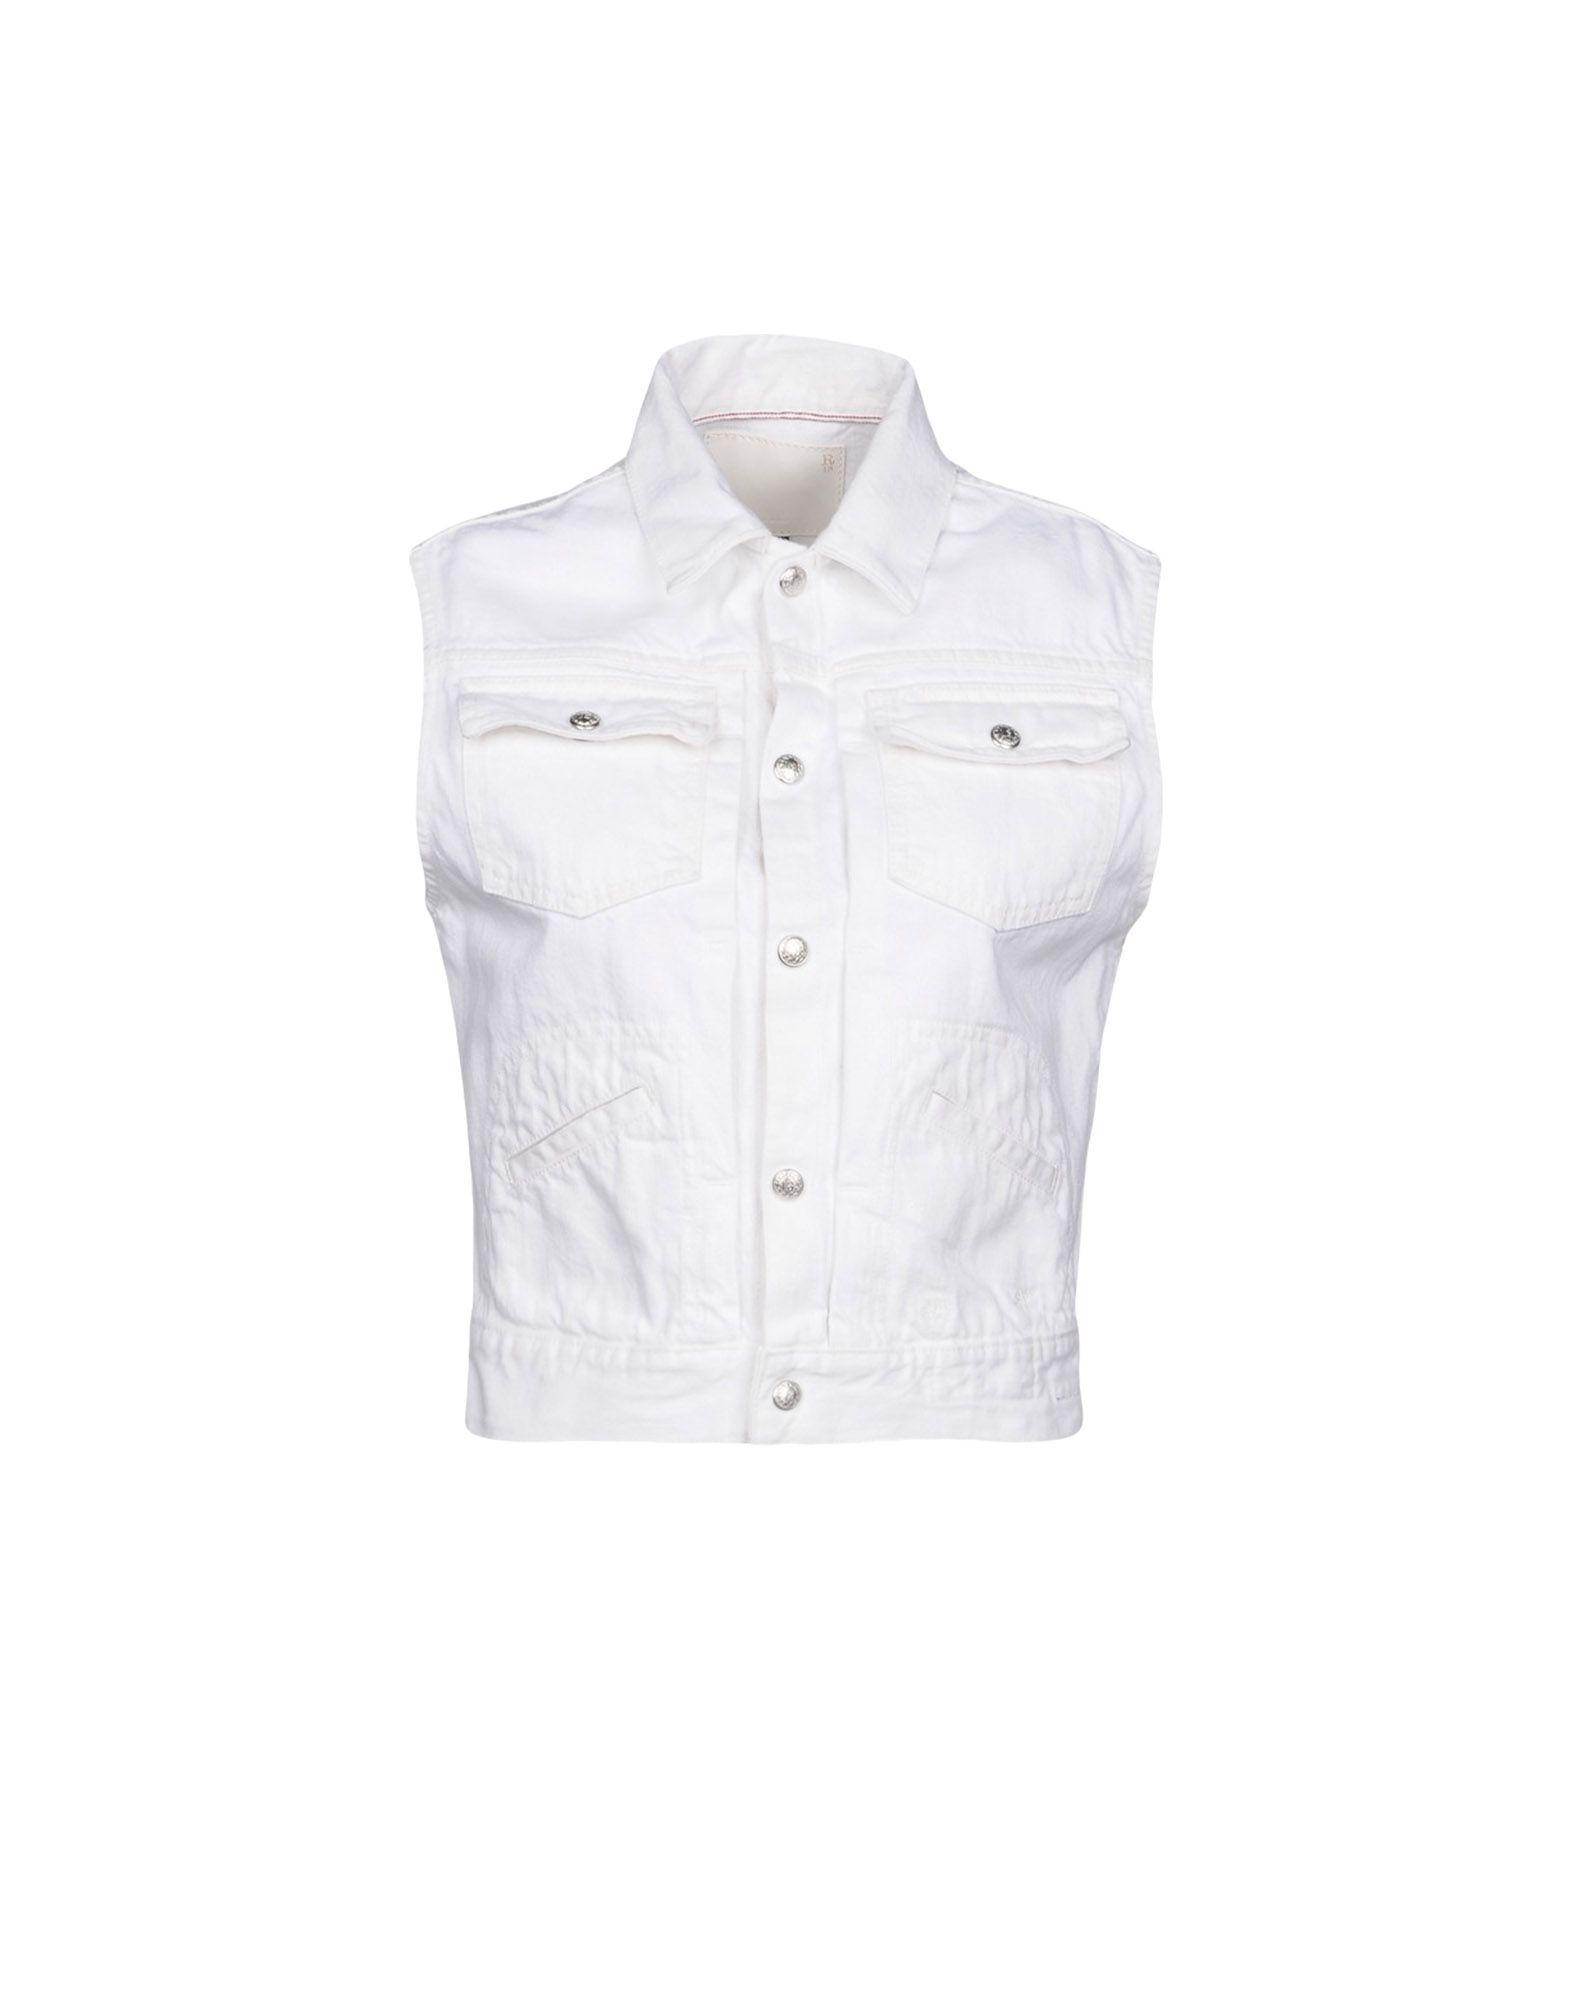 R13 Джинсовая верхняя одежда wood wood джинсовая верхняя одежда